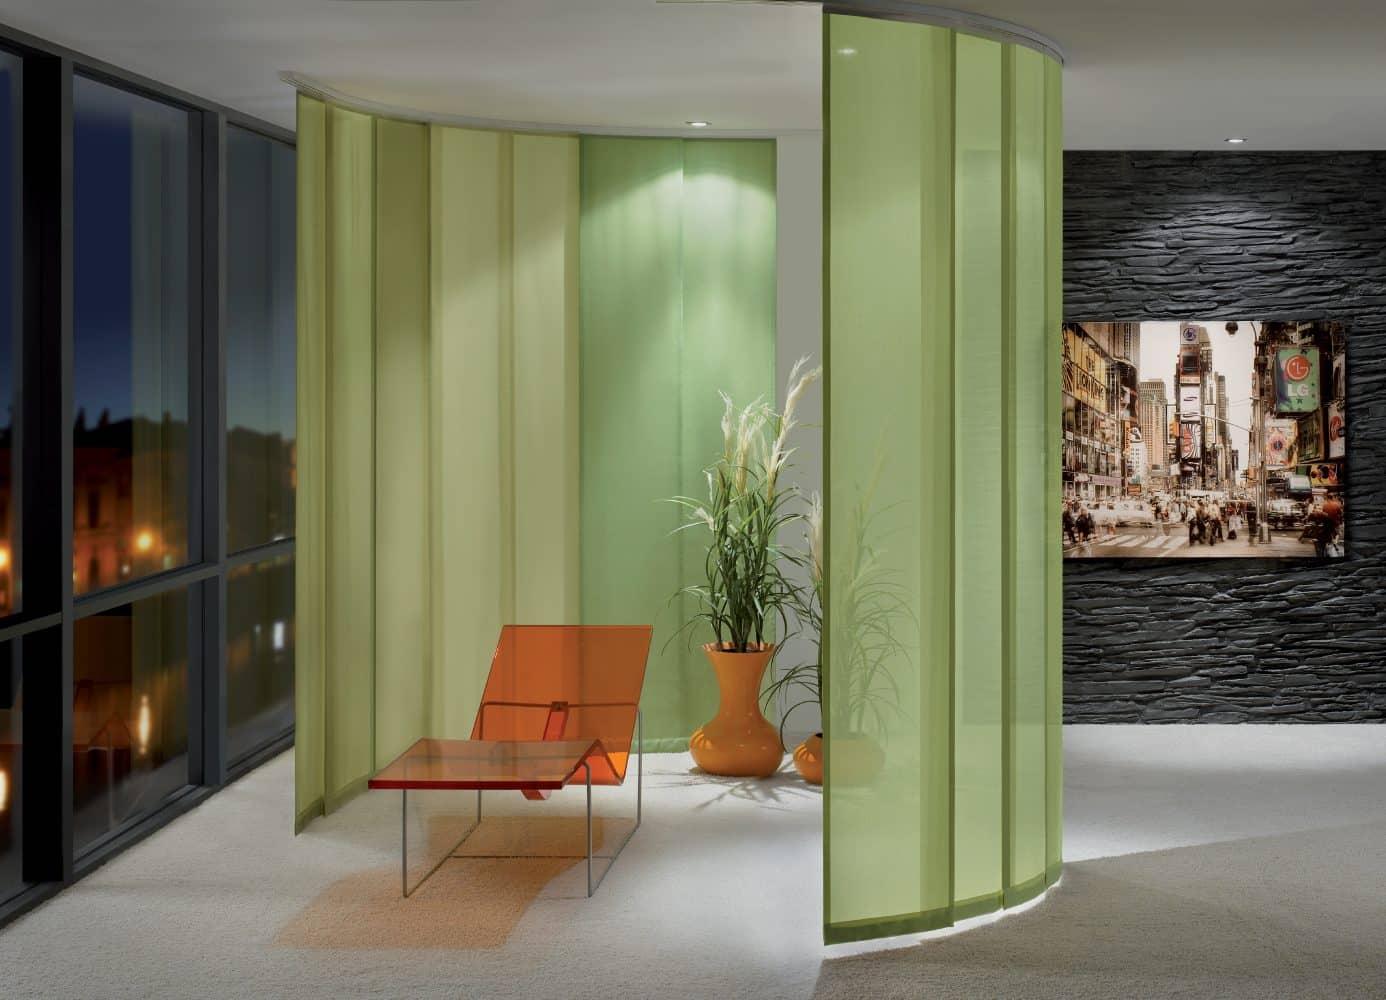 panneau japonais ika affordable panneau japonais ika with panneau japonais ika cool panneaux. Black Bedroom Furniture Sets. Home Design Ideas